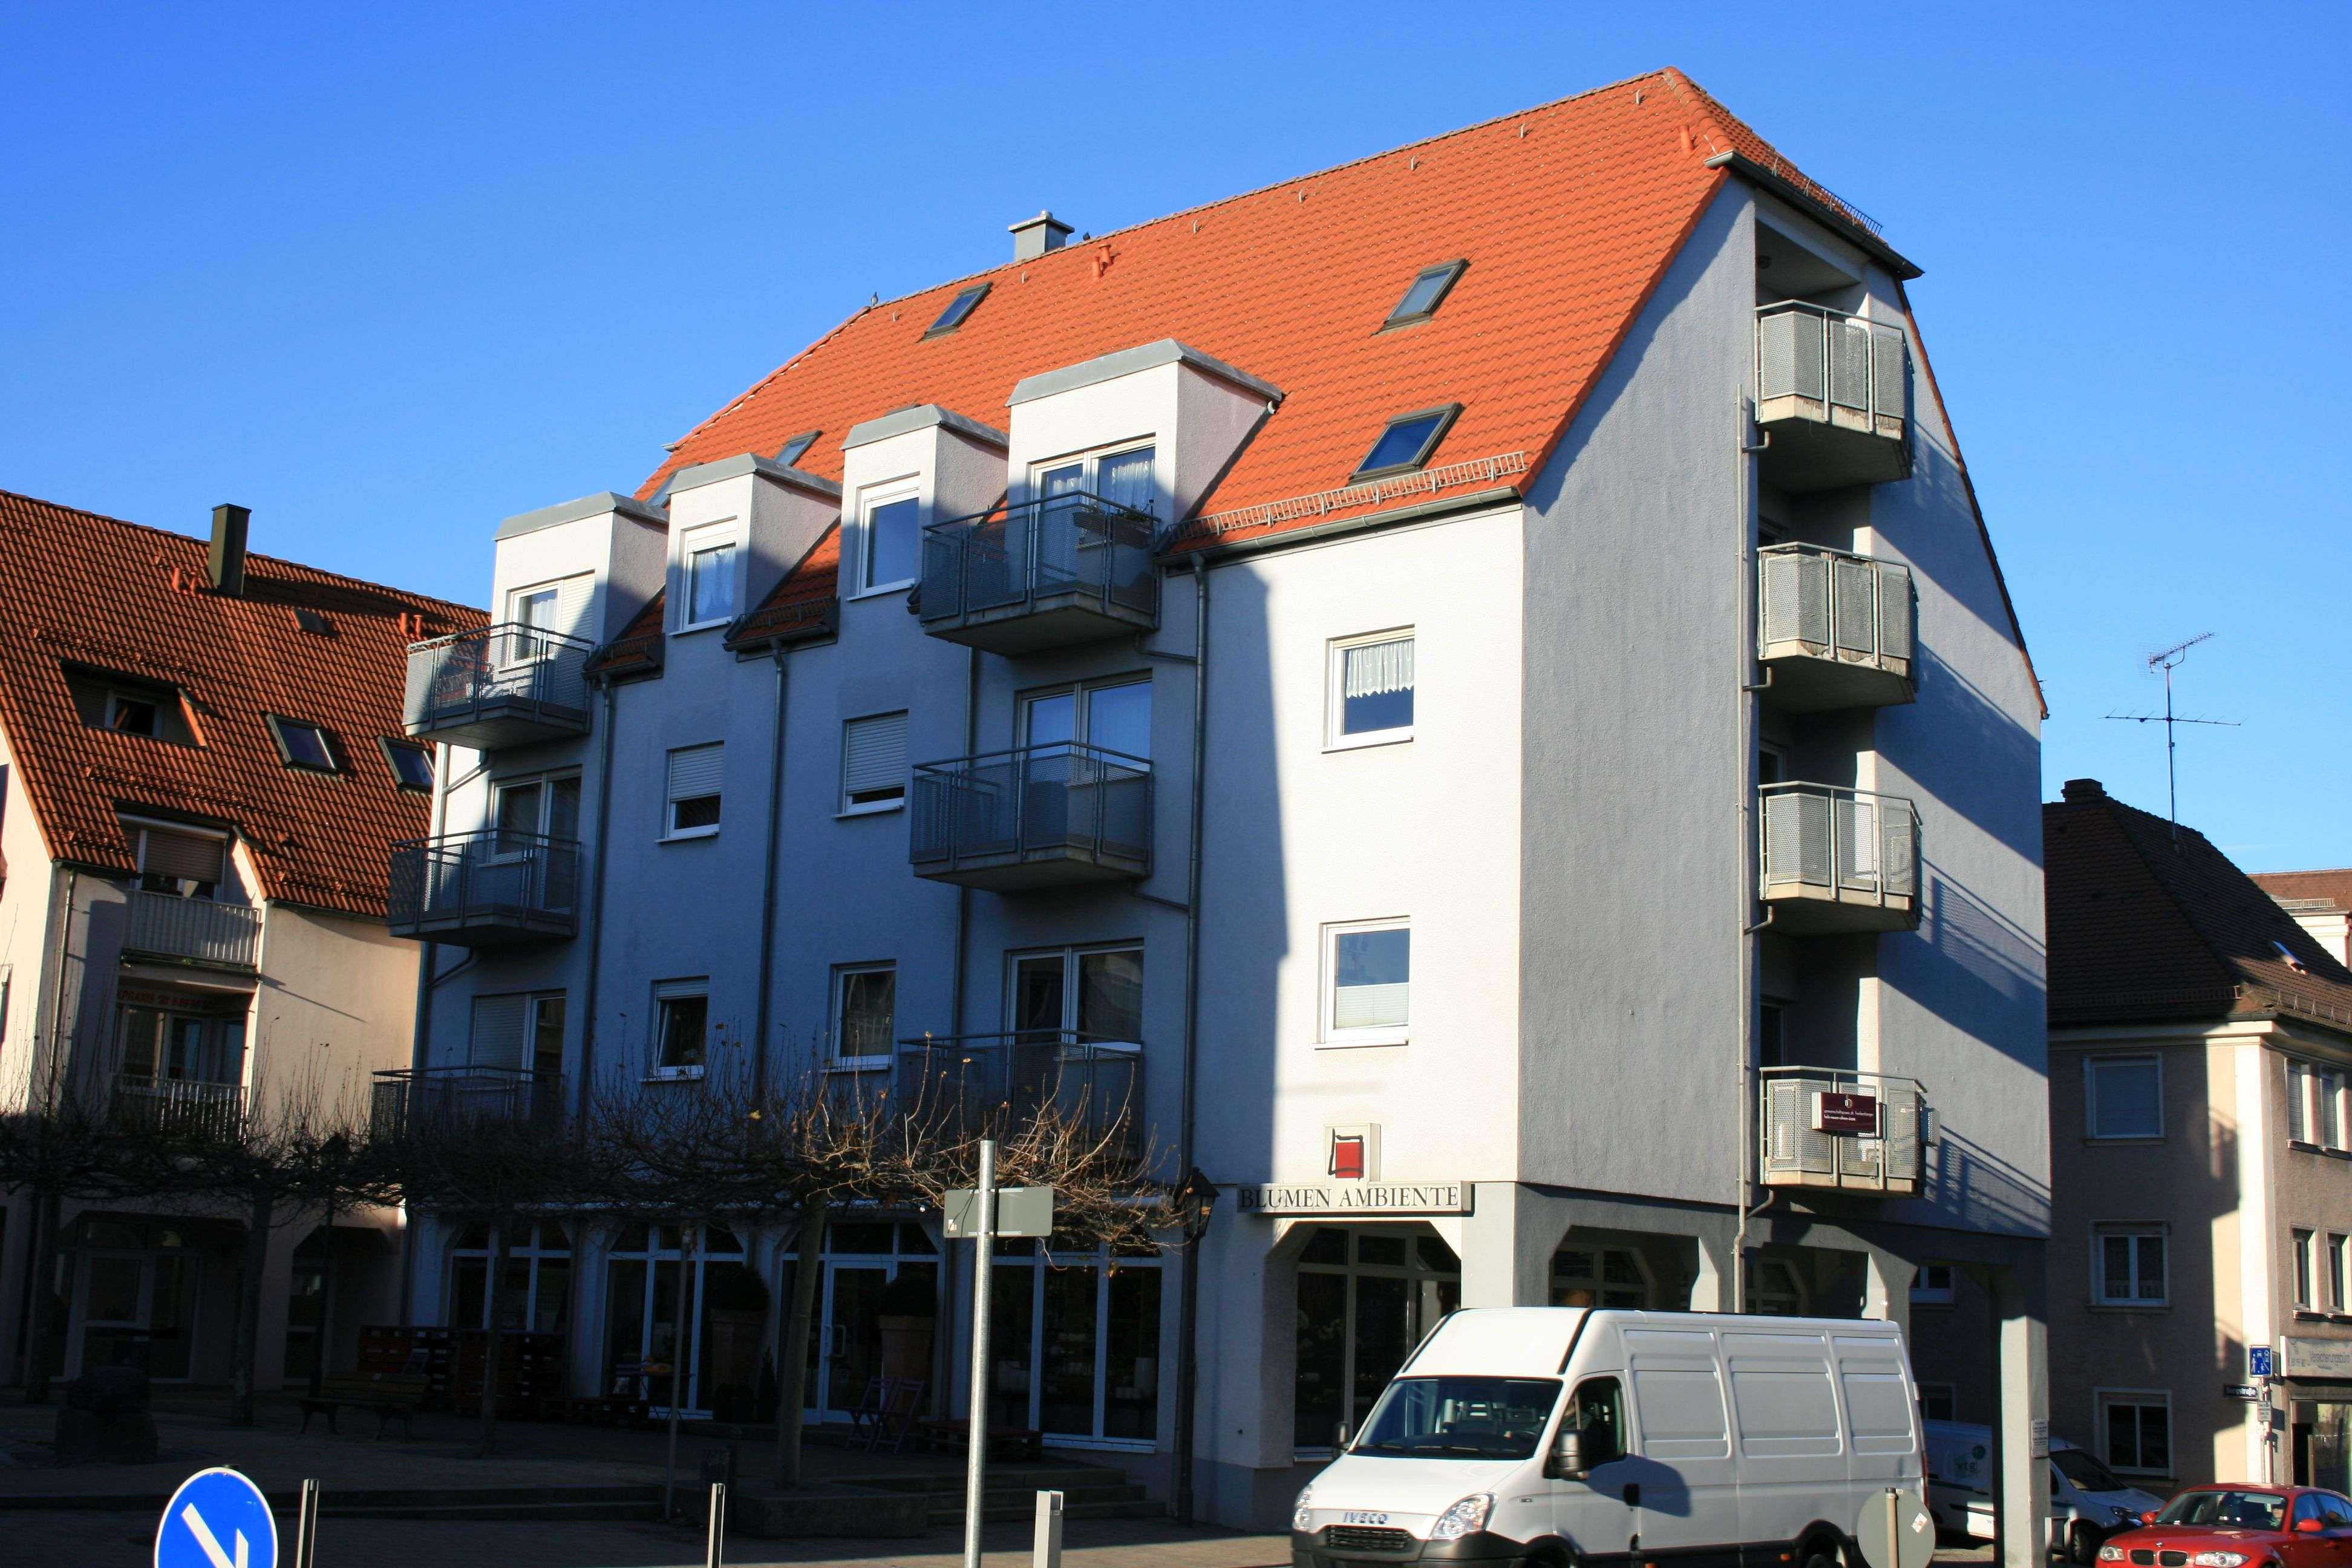 2-Zimmer-Wohnung mit Balkon und EBK in Stein in Stein (Fürth)